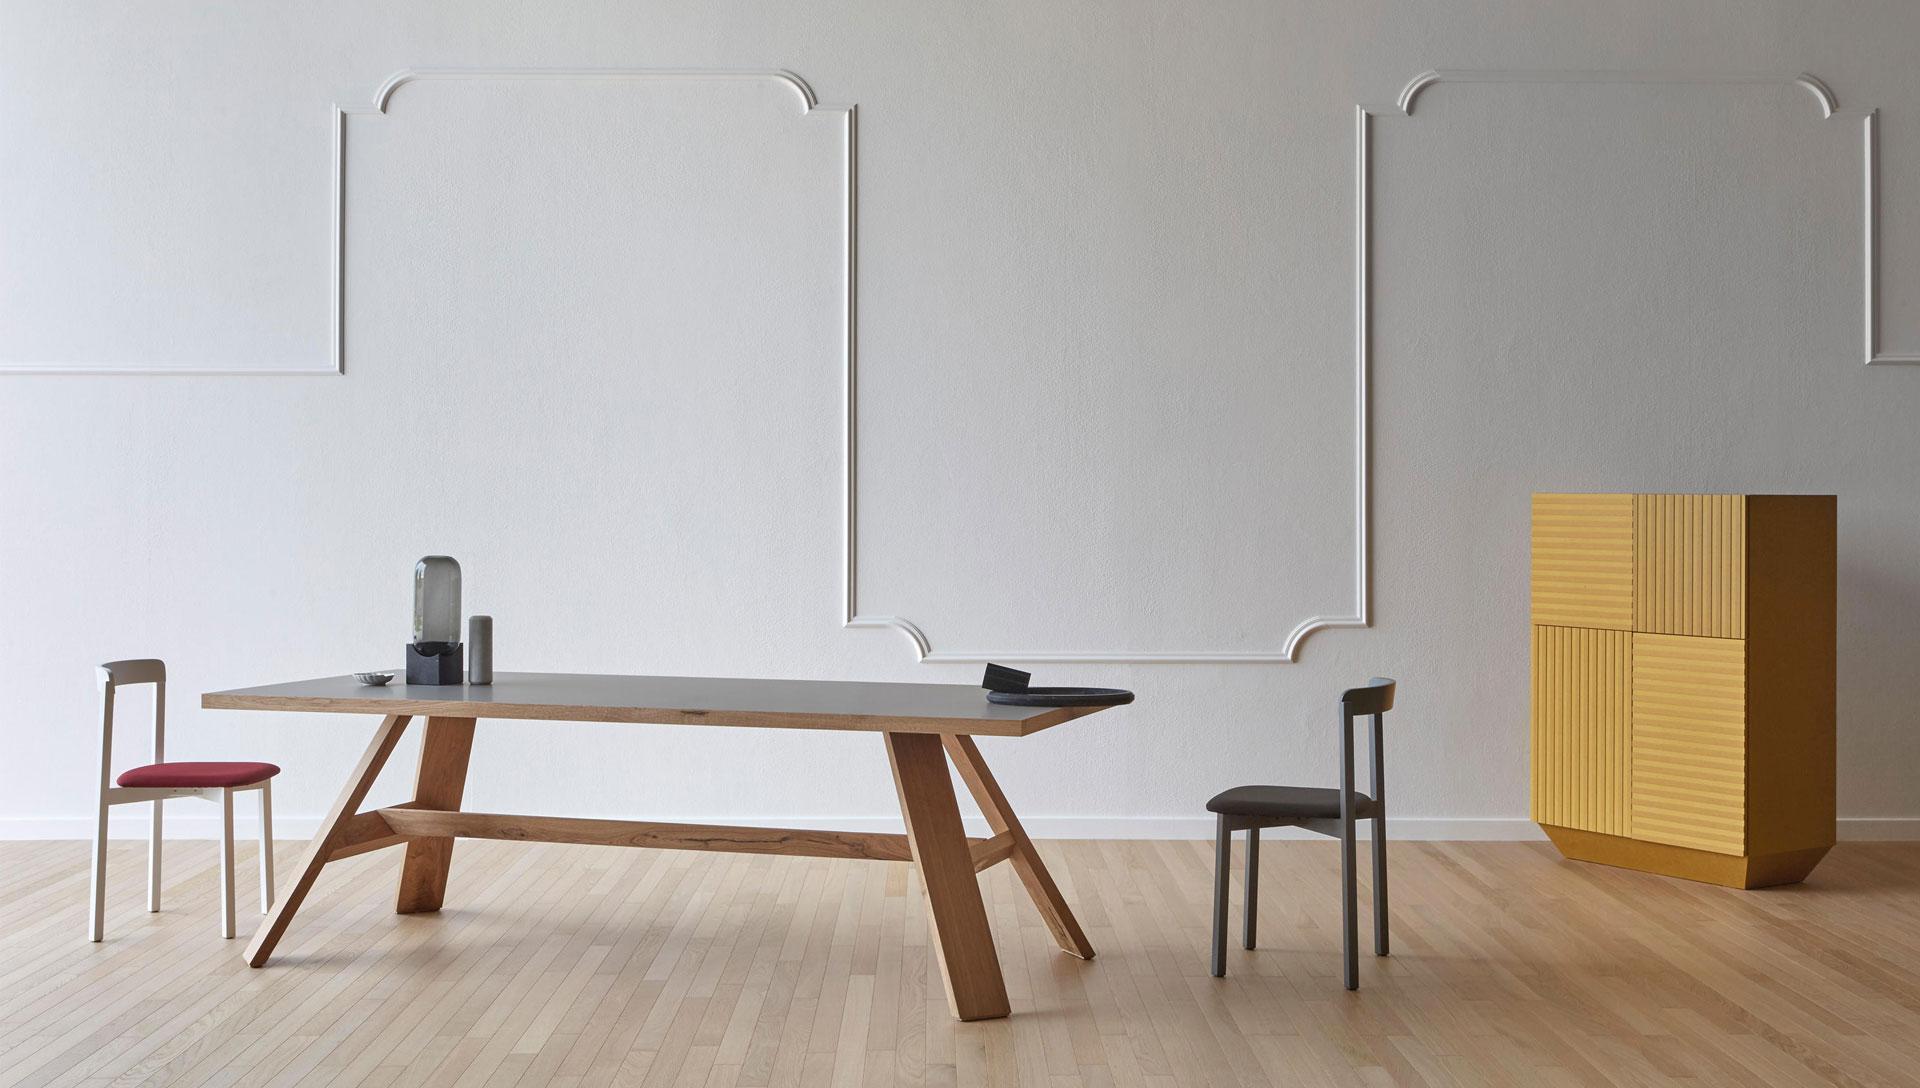 zona-giorno-miniforms-comodus-arredamenti-nicoletti-interni-interior-design-divani-complementi-arredo-mobili-design-accessori-matera